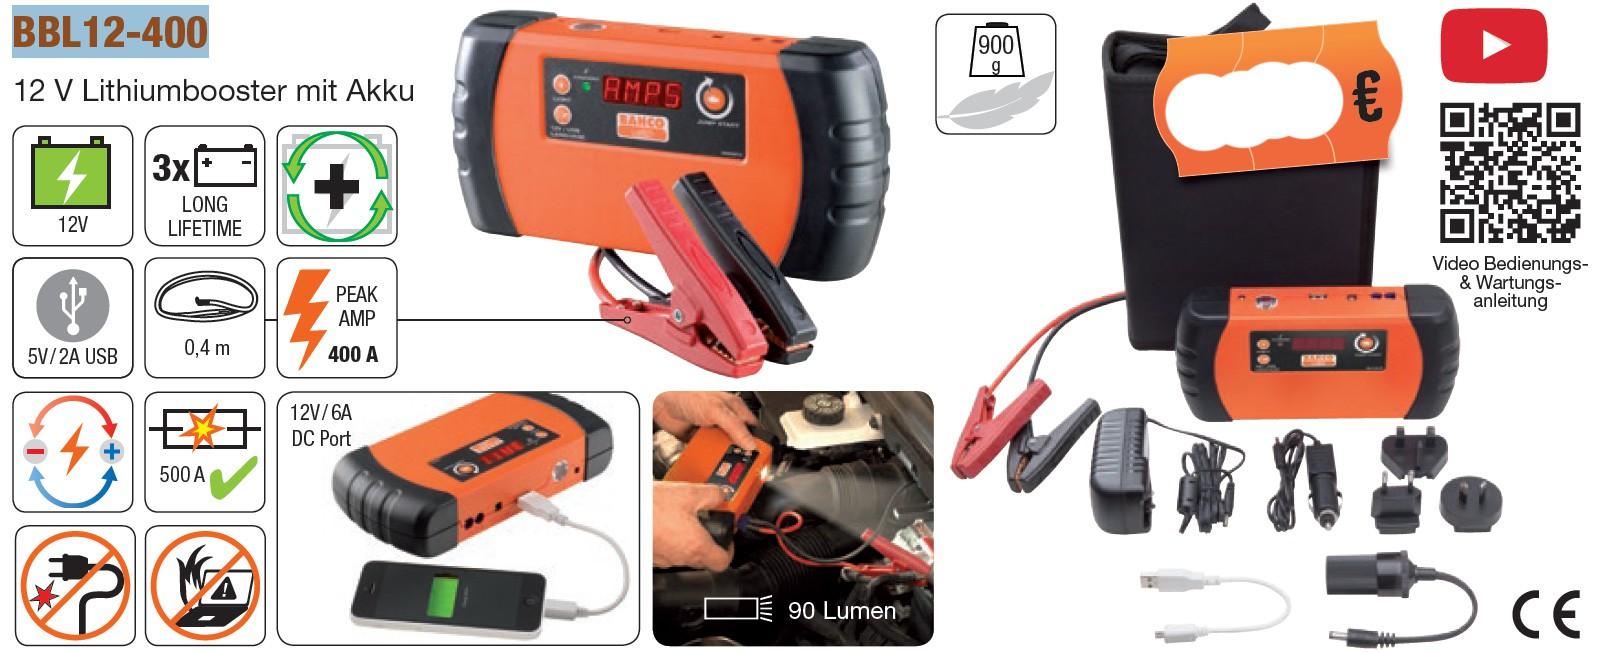 Mehrzweck 12V-Booster und Batterie-Paket, mit USB-Schnittstelle